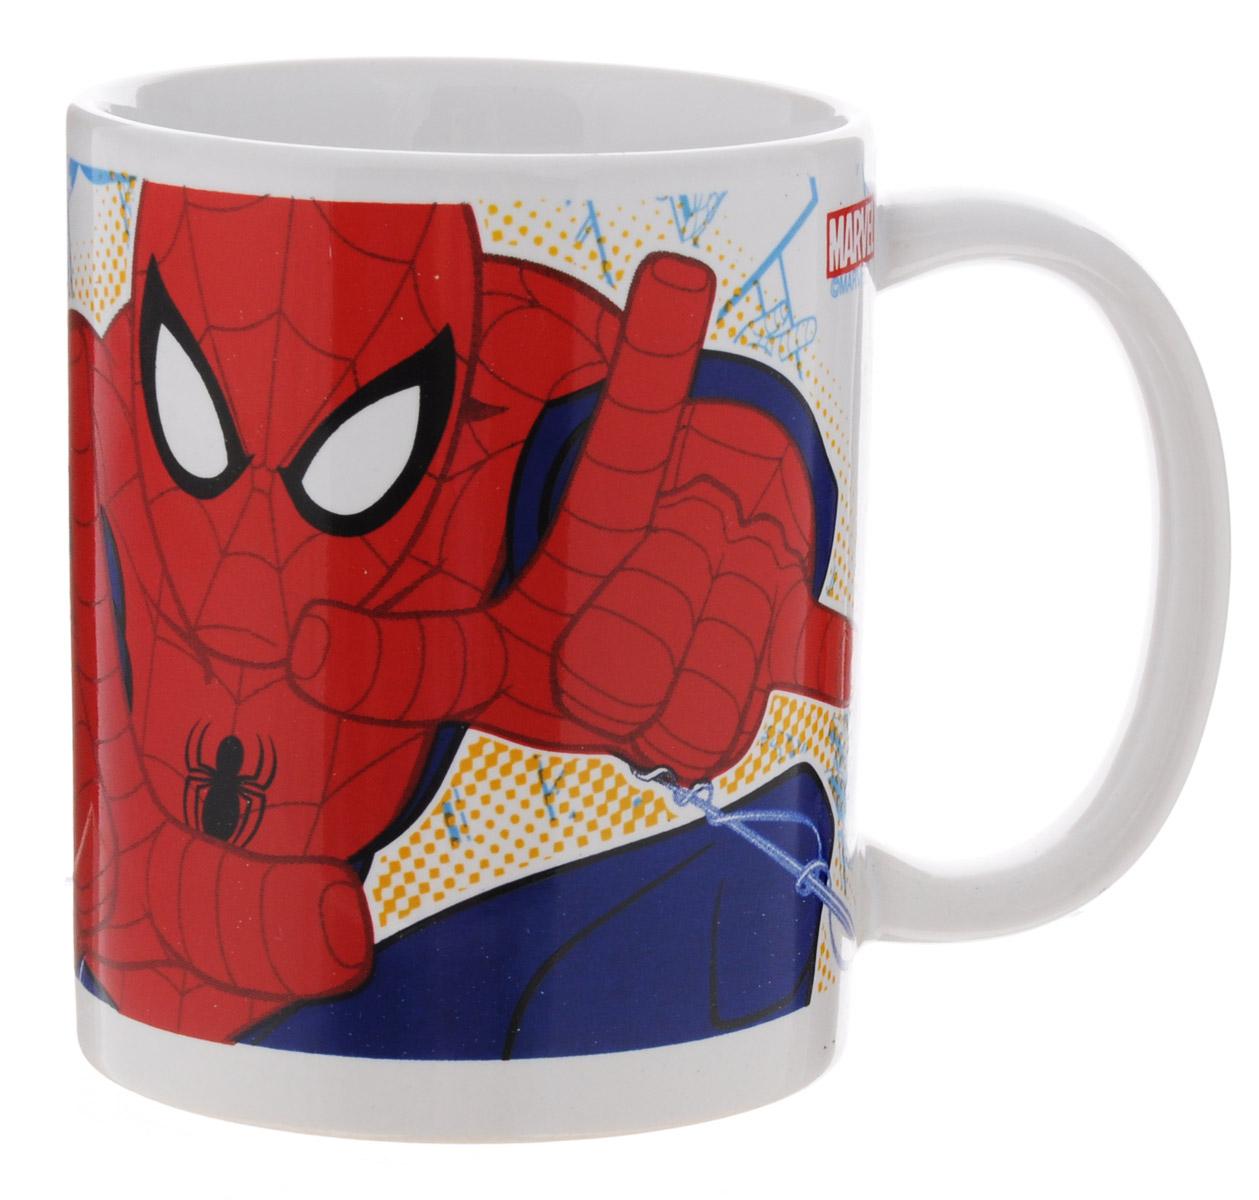 Disney Кружка детская Спайдермен 330 мл78307Детская кружка Disney Спайдермен с любимым героем станет отличным подарком для вашего ребенка. Она выполнена из керамики и оформлена изображением Человека-паука.Кружка дополнена удобной ручкой. Такой подарок станет не только приятным, но и практичным сувениром: кружка будет незаменимым атрибутом чаепития, а оригинальное оформление кружки добавит ярких эмоций и хорошего настроения.Можно использовать в СВЧ-печи и посудомоечной машине.